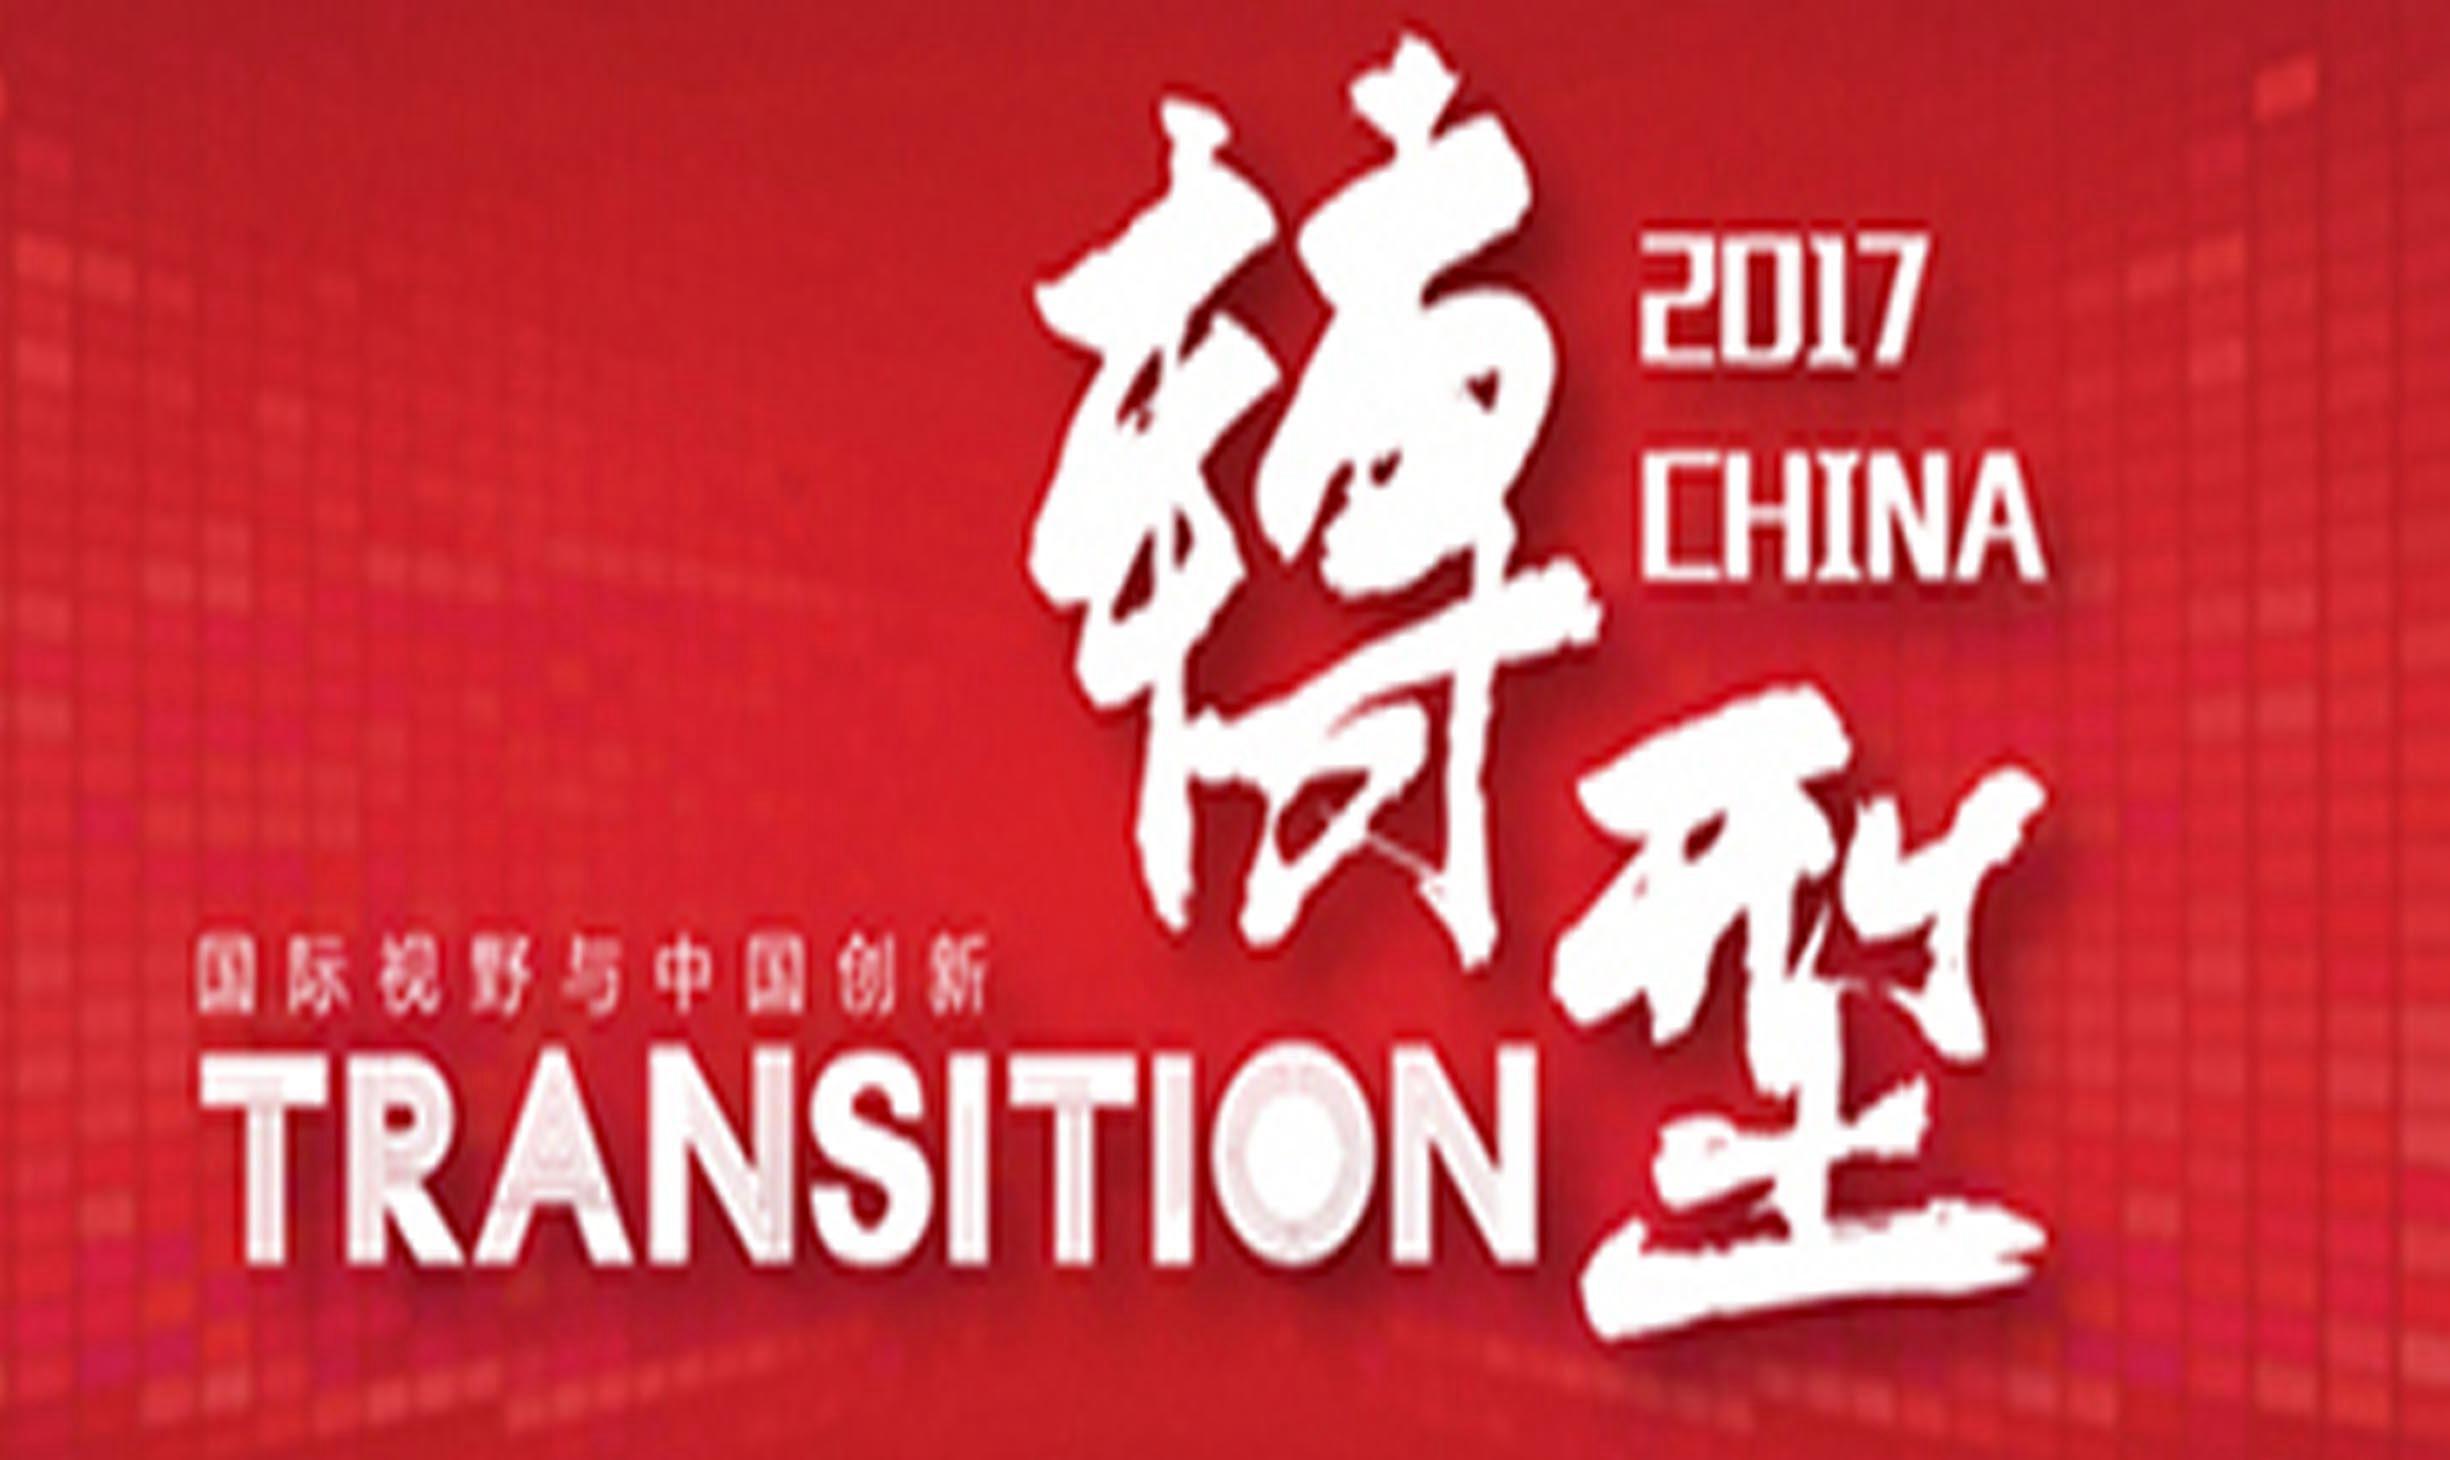 2017終身學習與現代教育服務業高峰論壇在西安舉行